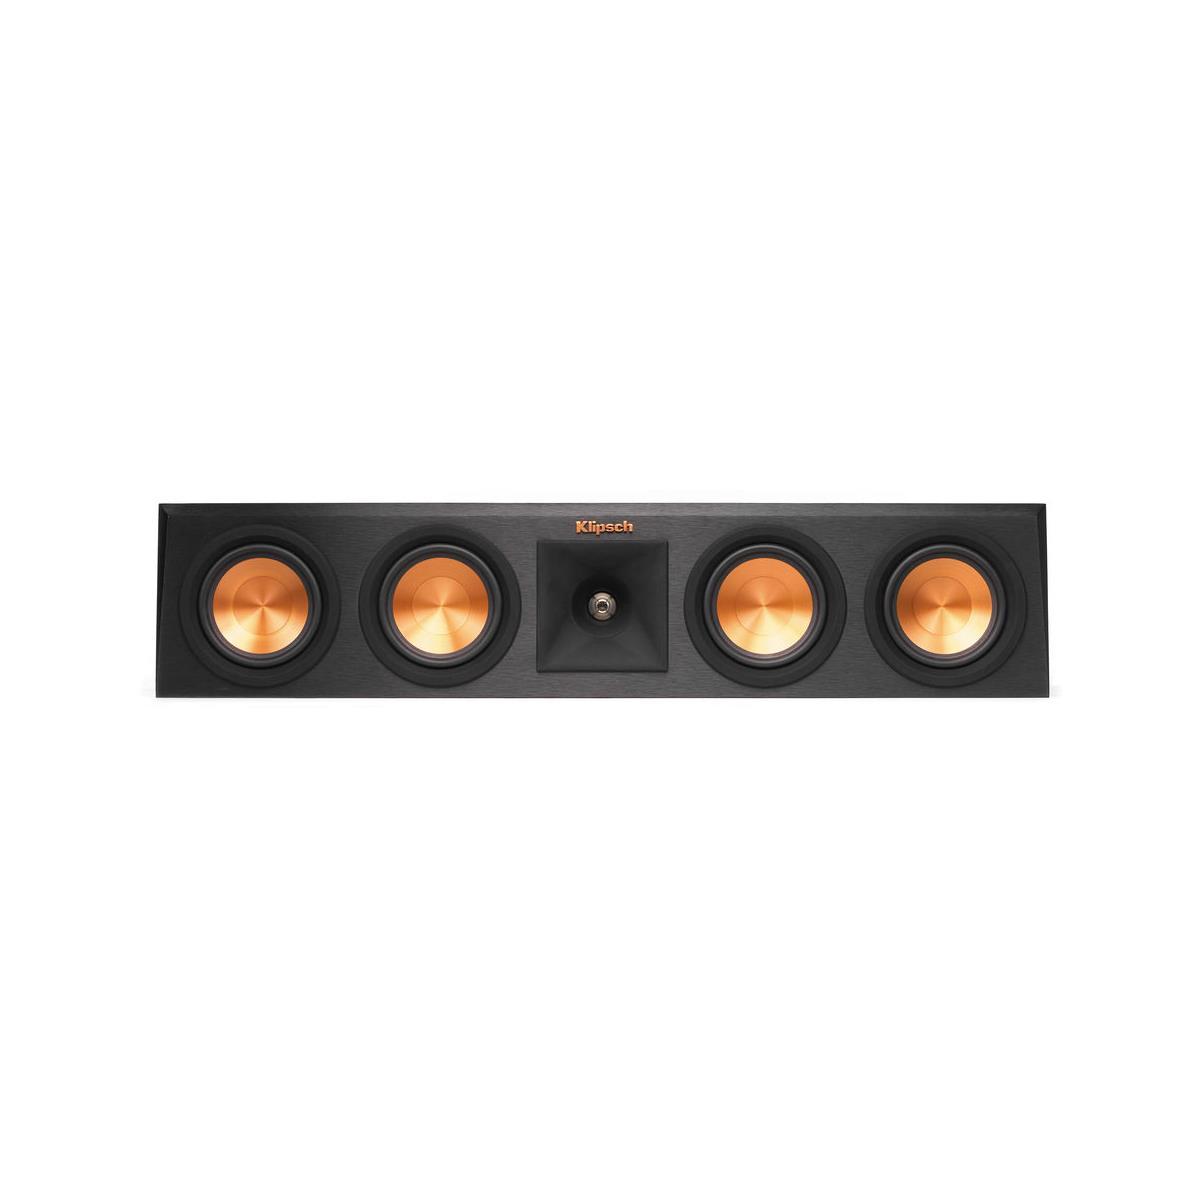 Klipsch Reference Premiere RP-440C 2-Way Center Speaker (Cherry) $269 + free s/h